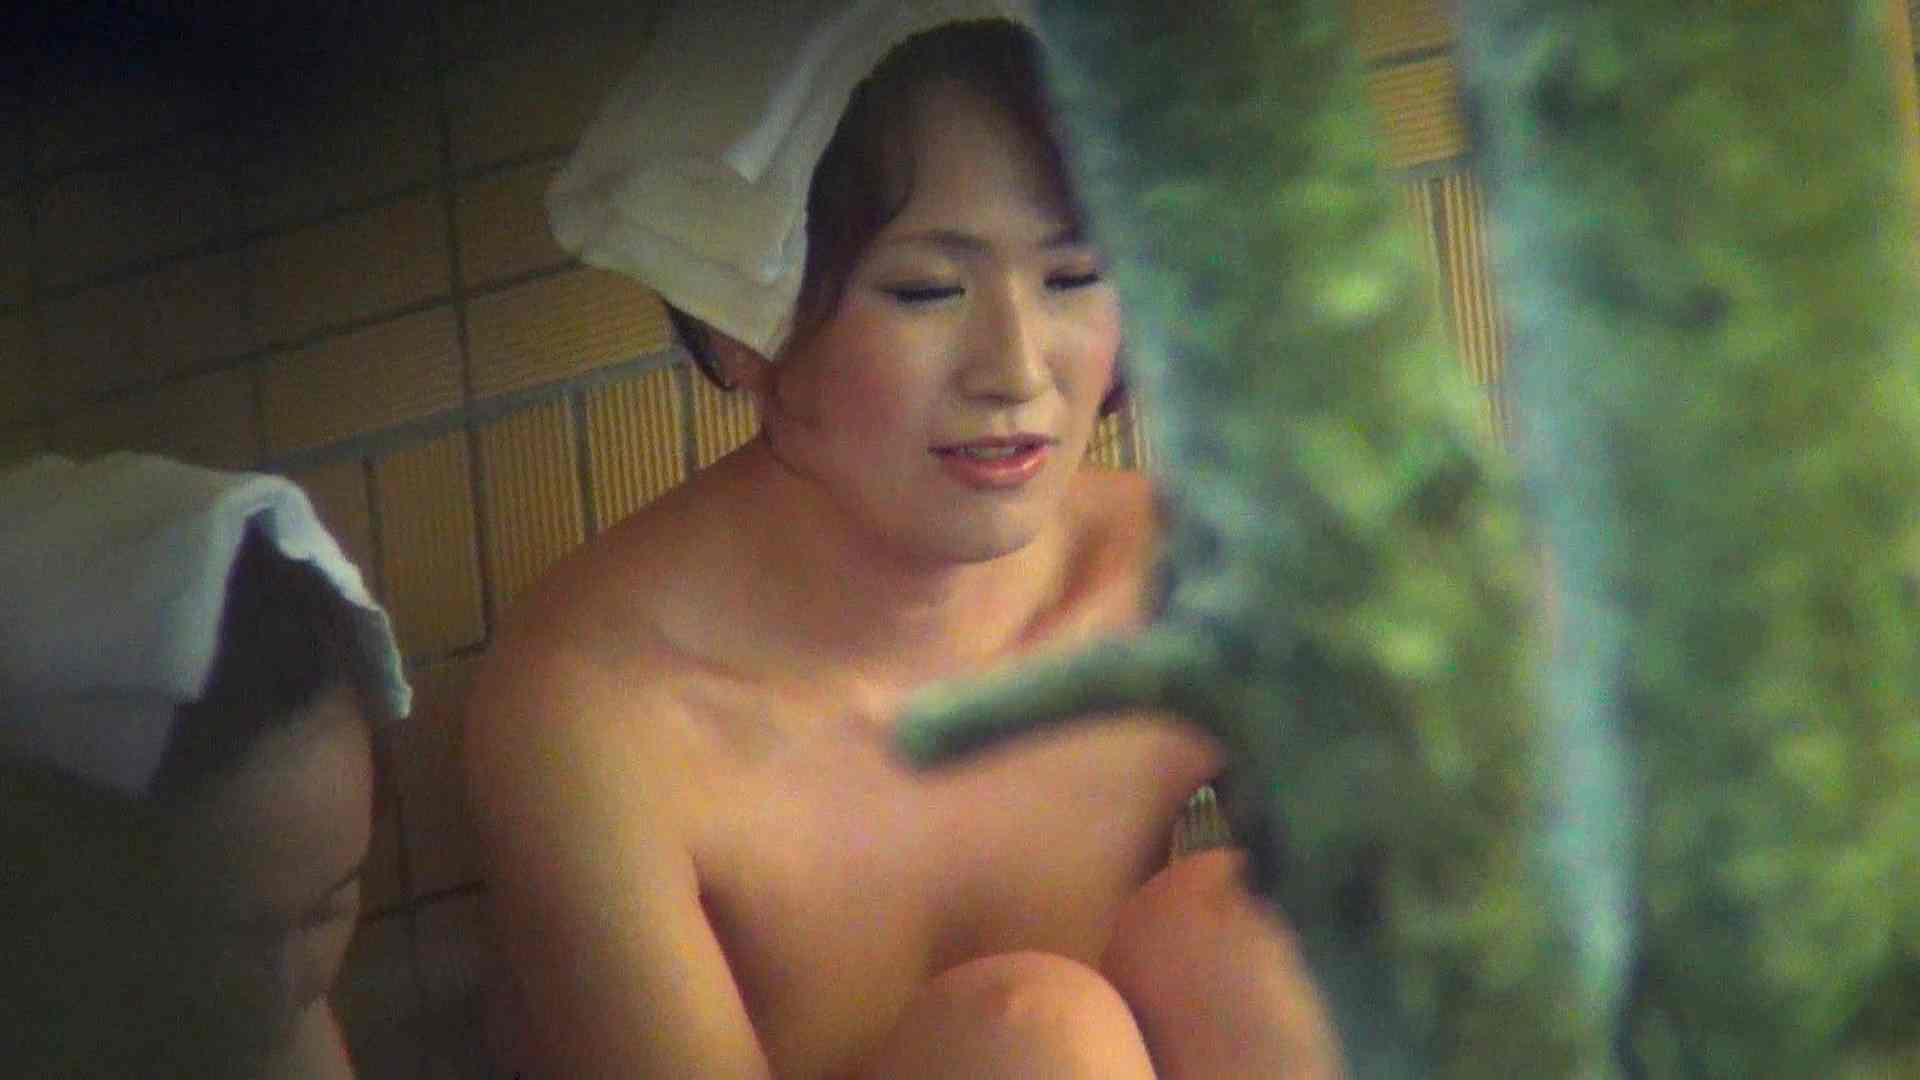 Aquaな露天風呂Vol.272 露天  99PICs 9